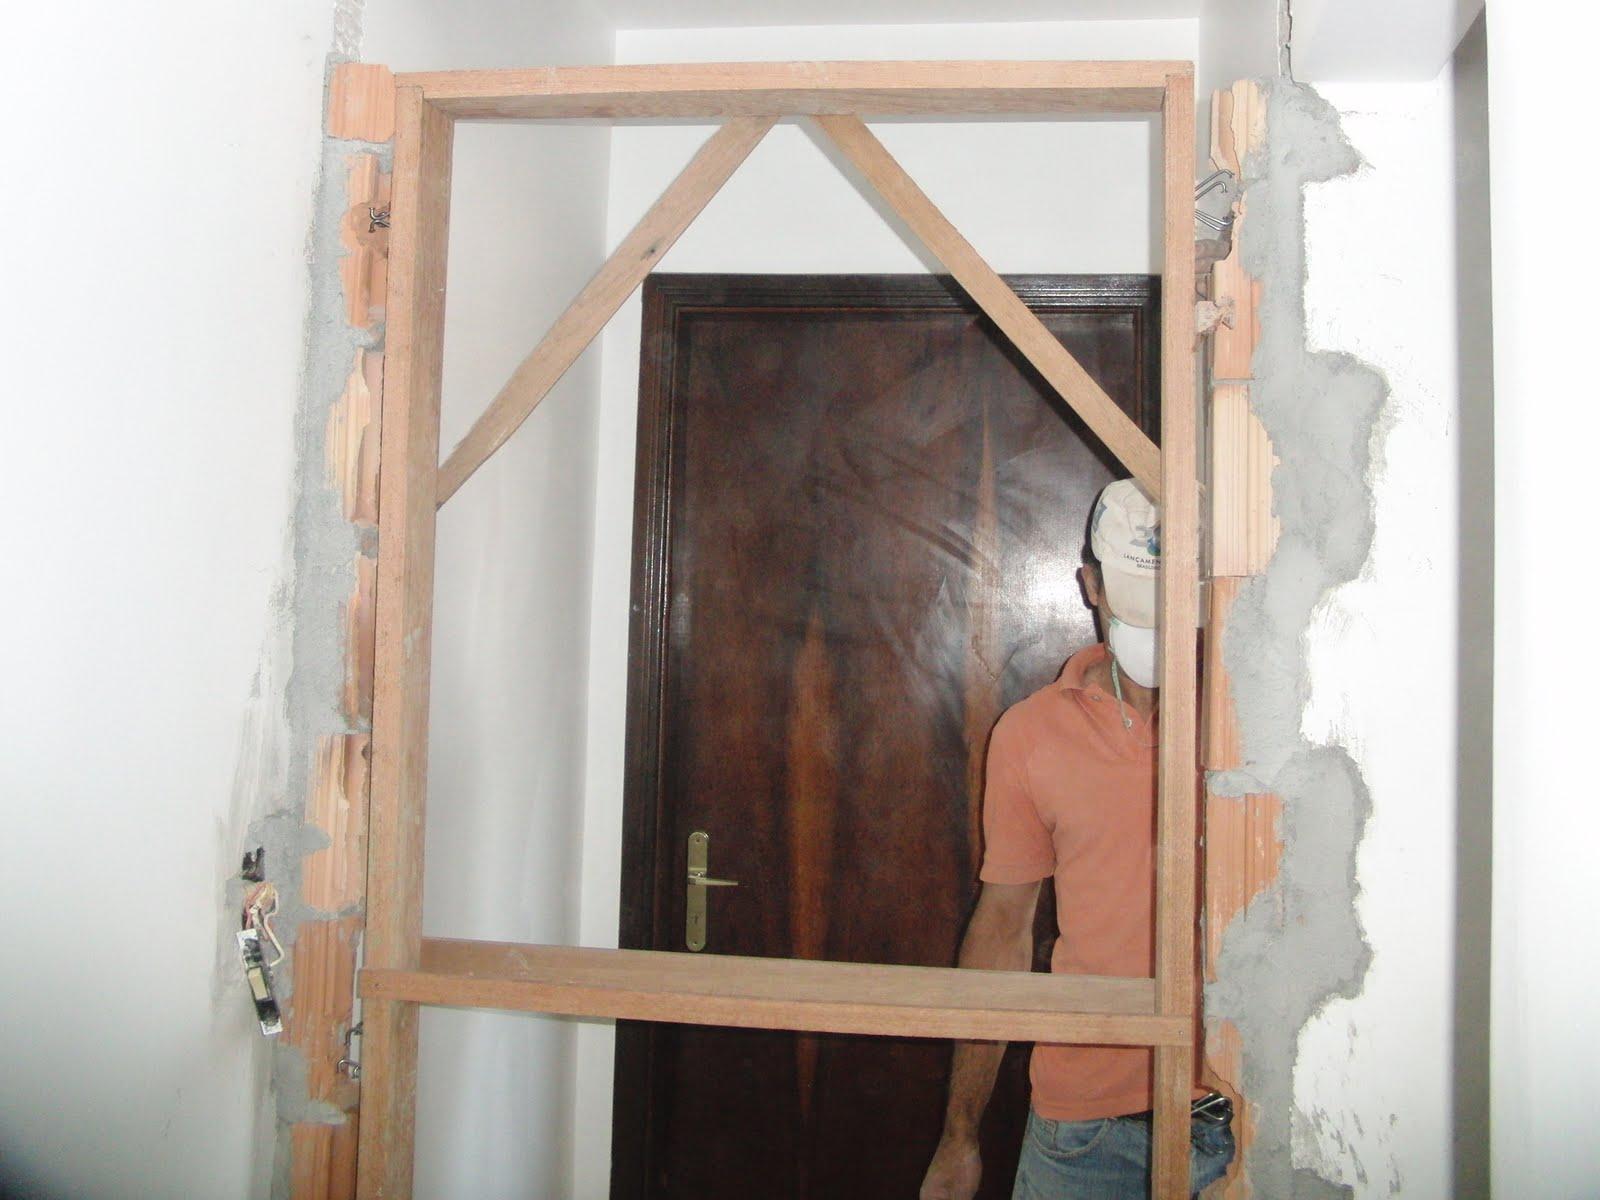 #866145 Porta E Janelas Rj Related Keywords & Suggestions Porta E Janelas Rj  1034 Portas E Janelas De Aluminio Com Grade